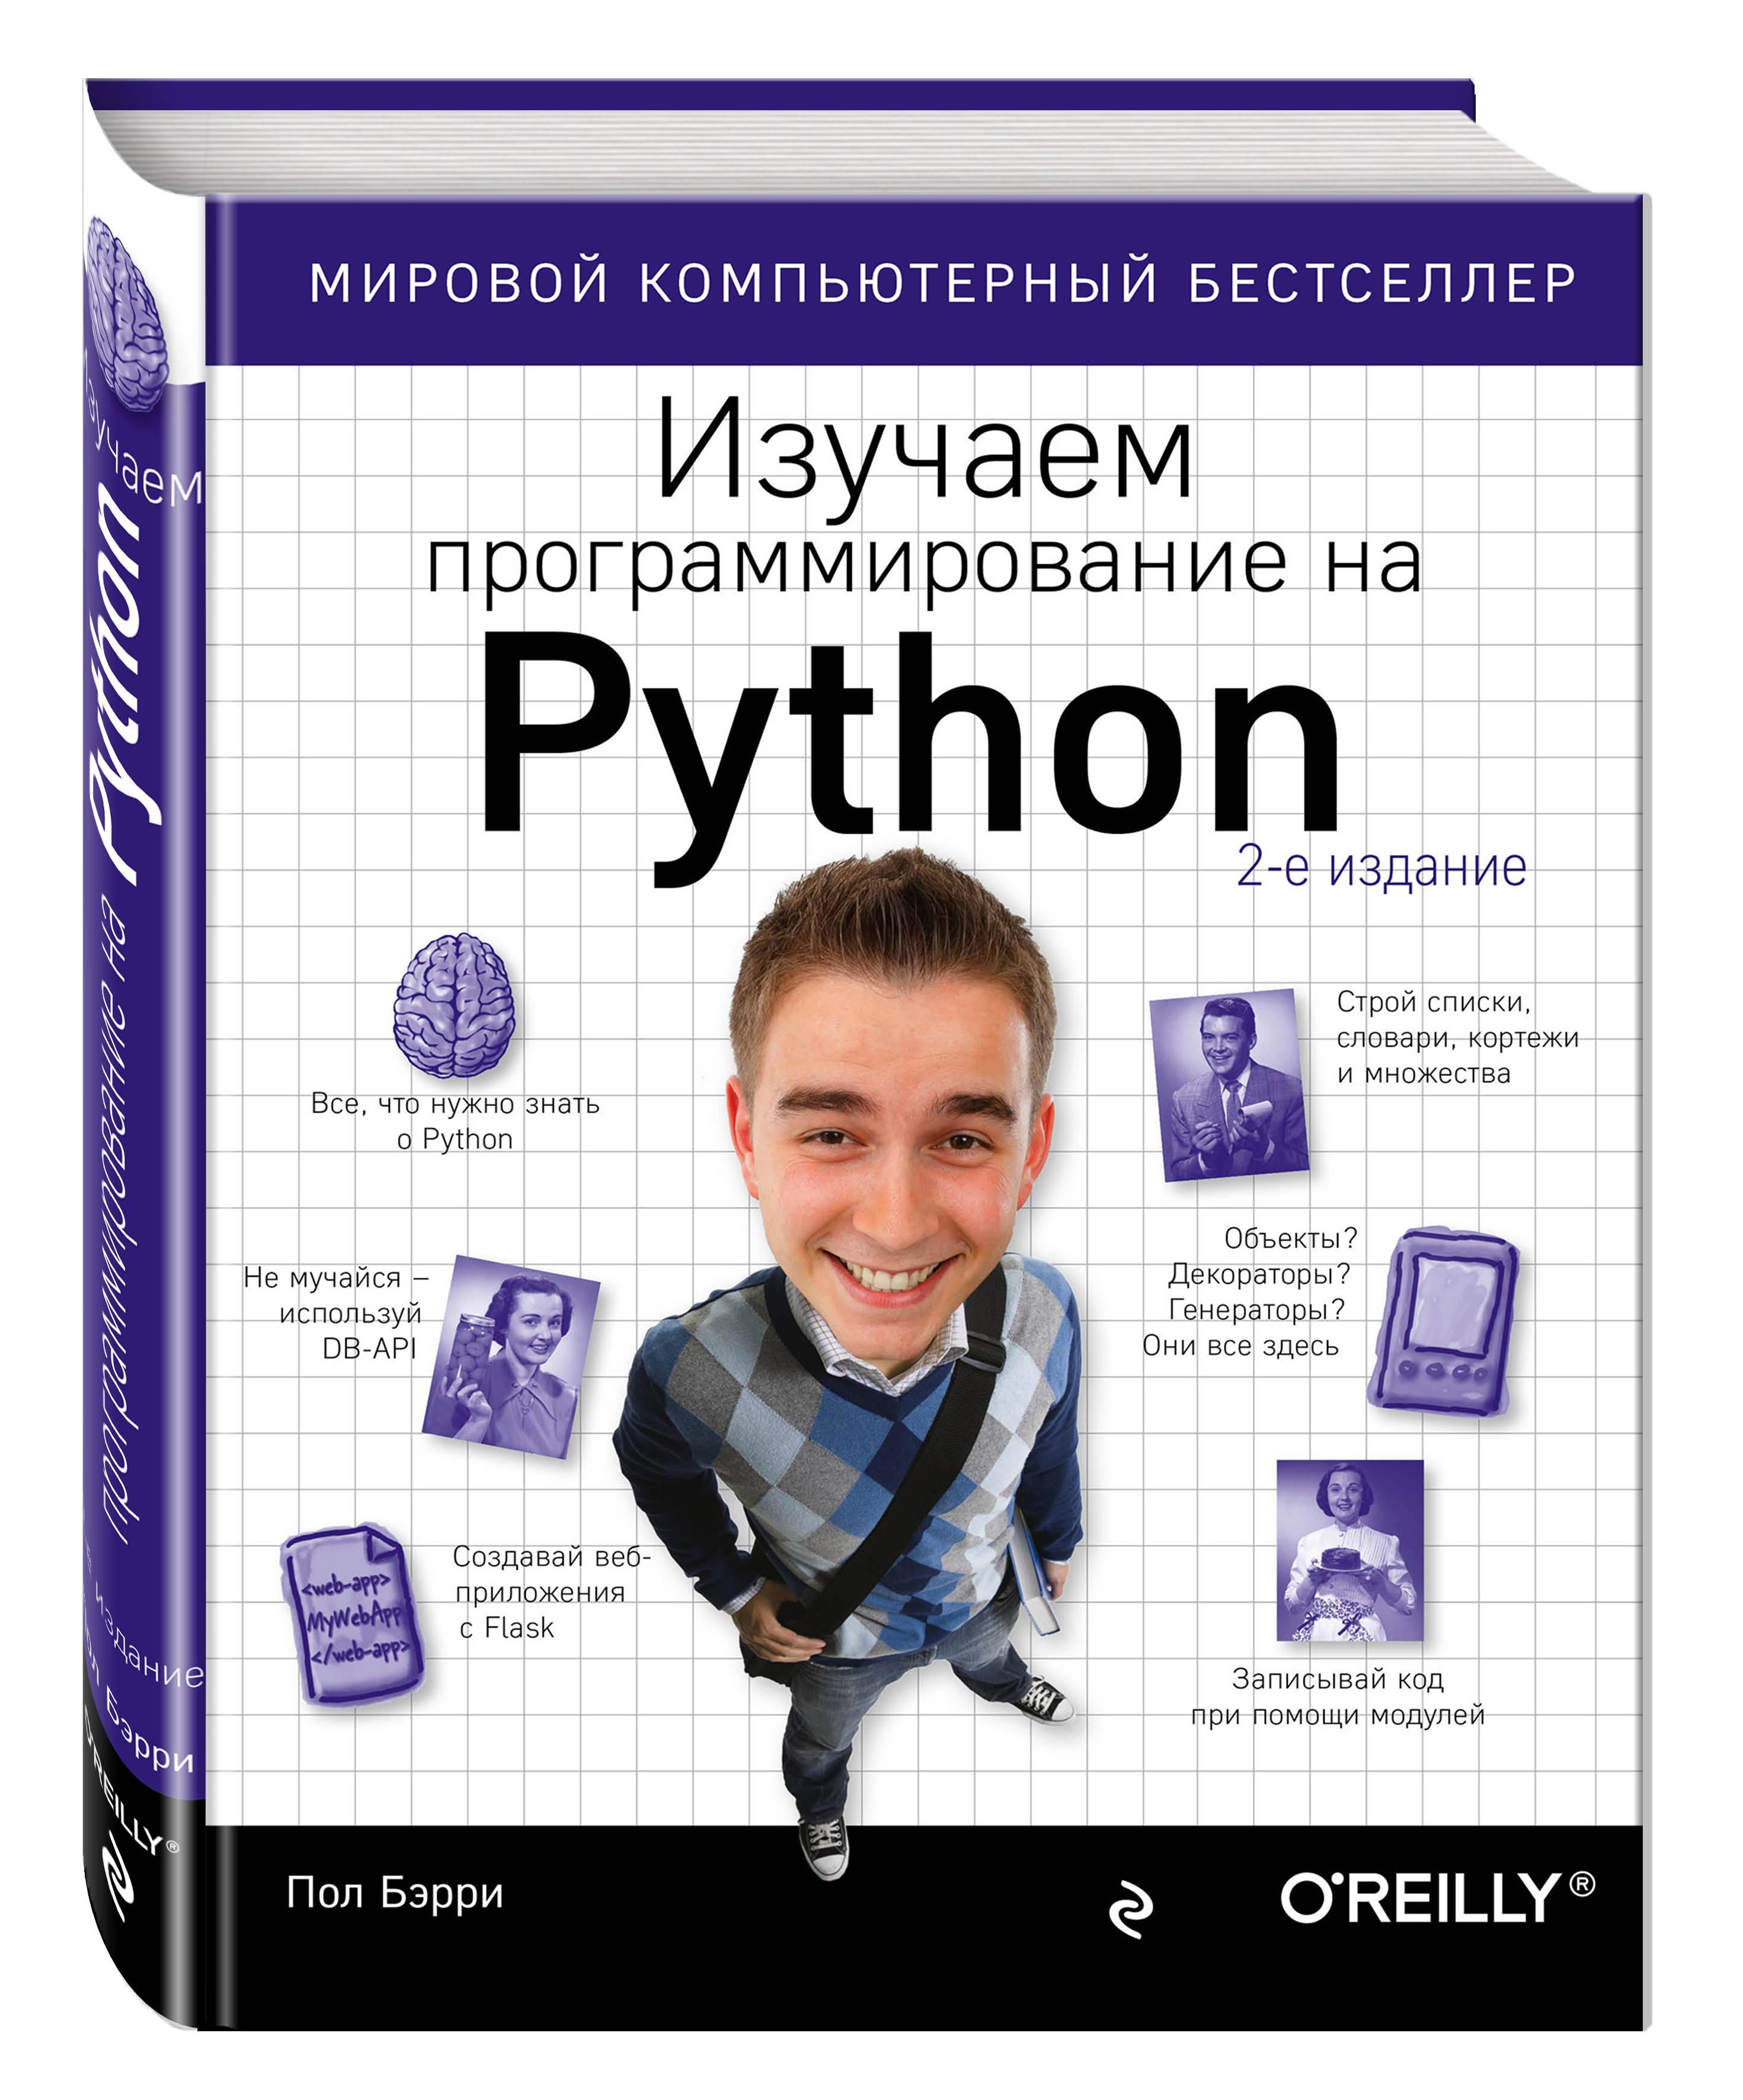 Пол Бэрри Изучаем программирование на Python бэрри п изучаем программирование на python 2 издание